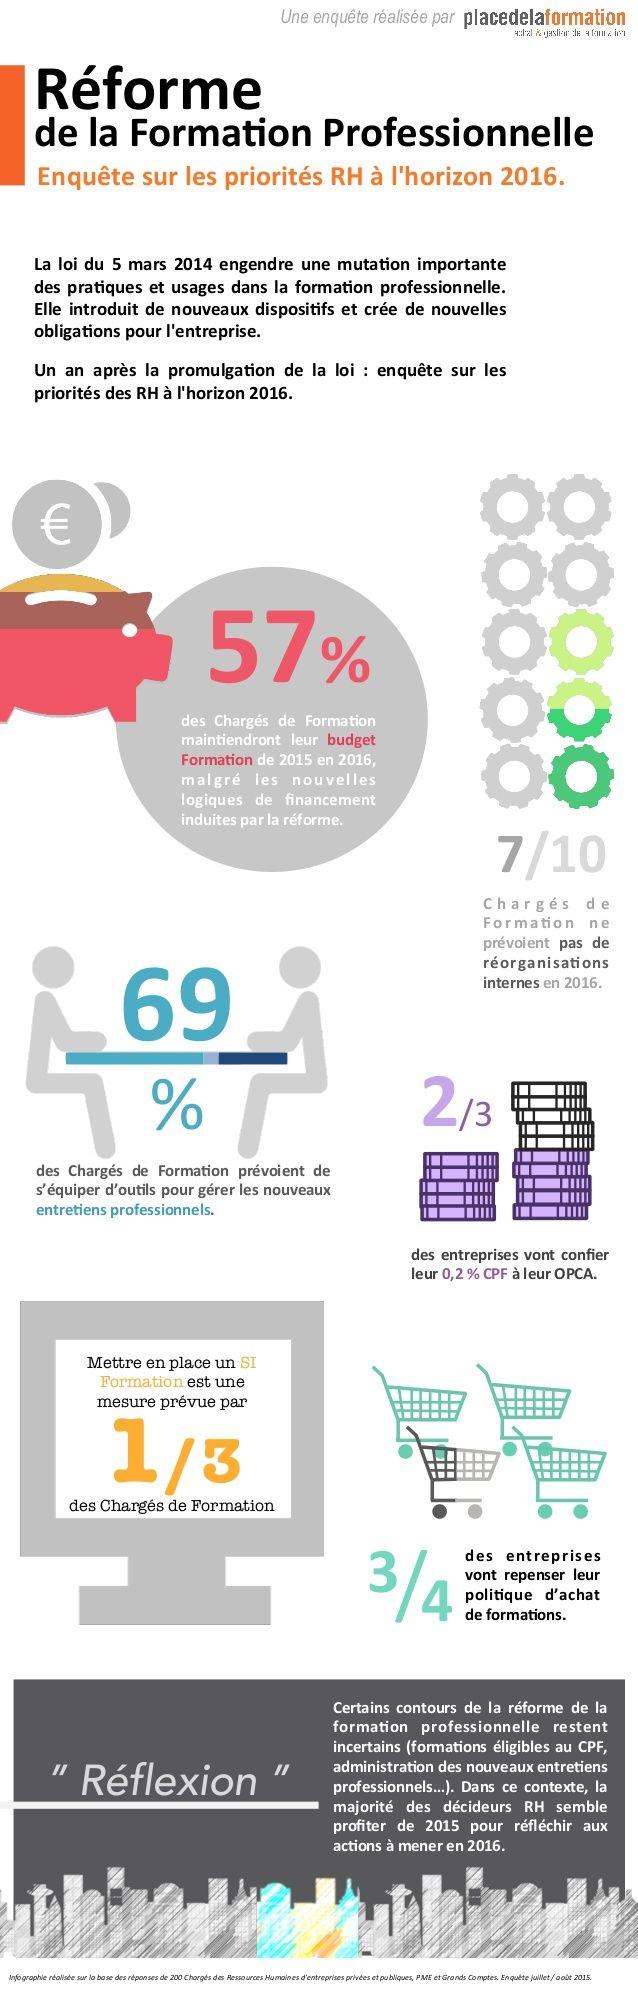 Formation professionnelle : les priorités des RH pour 2016 en une infographie